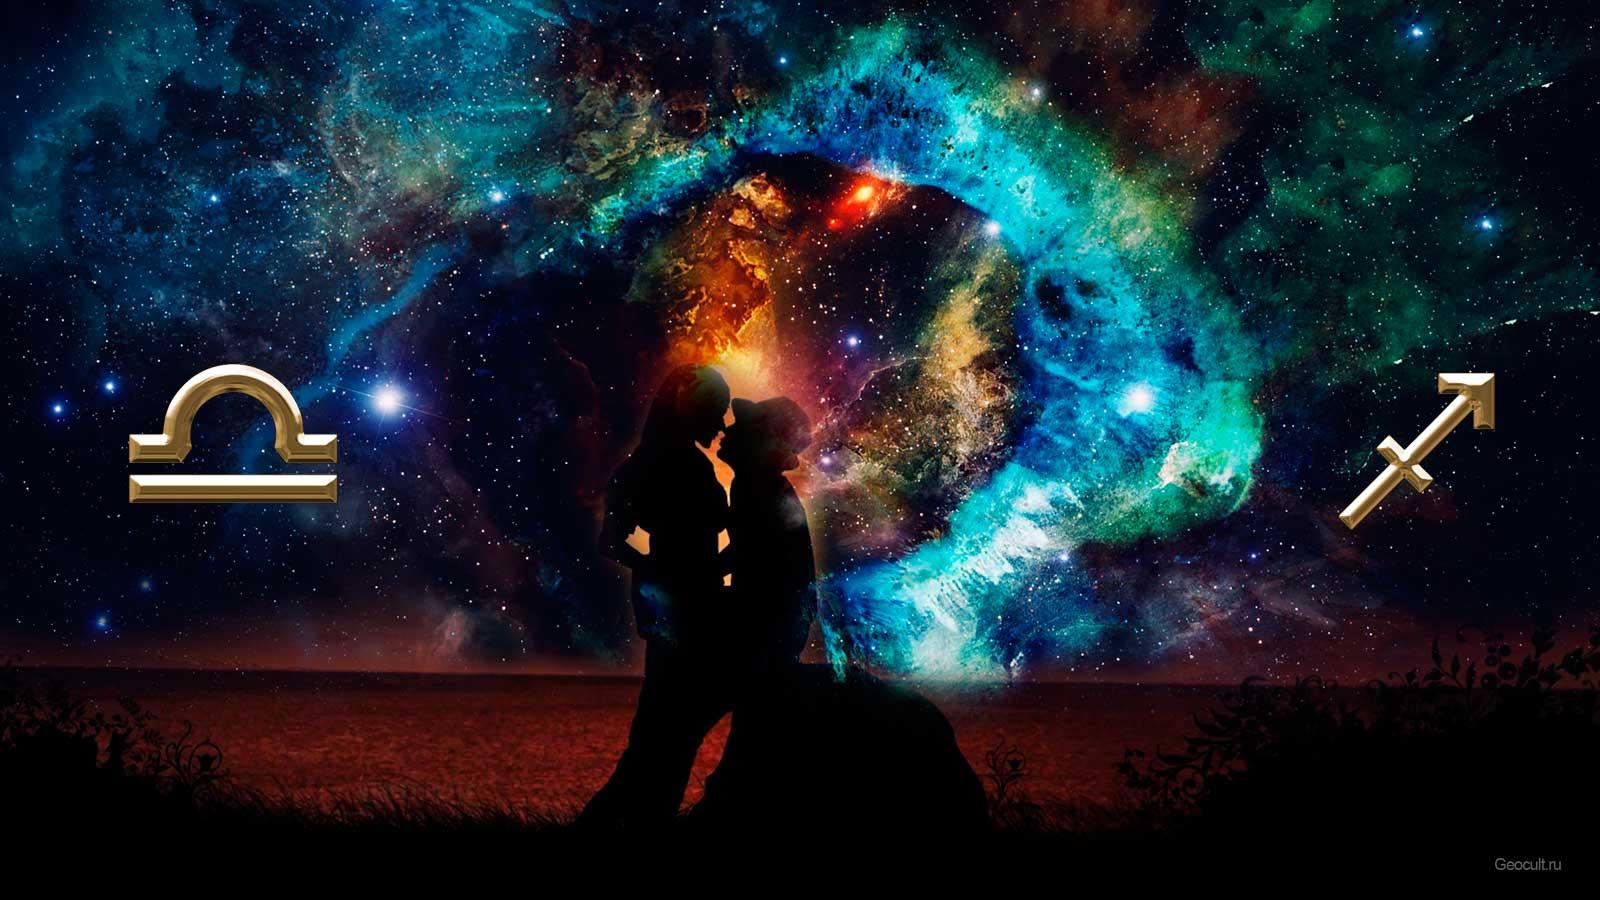 Совместимость Стрельца и Рыбы (23 фото): женщина и мужчина в любовных отношениях, характеристика знаков зодиака в семейной жизни